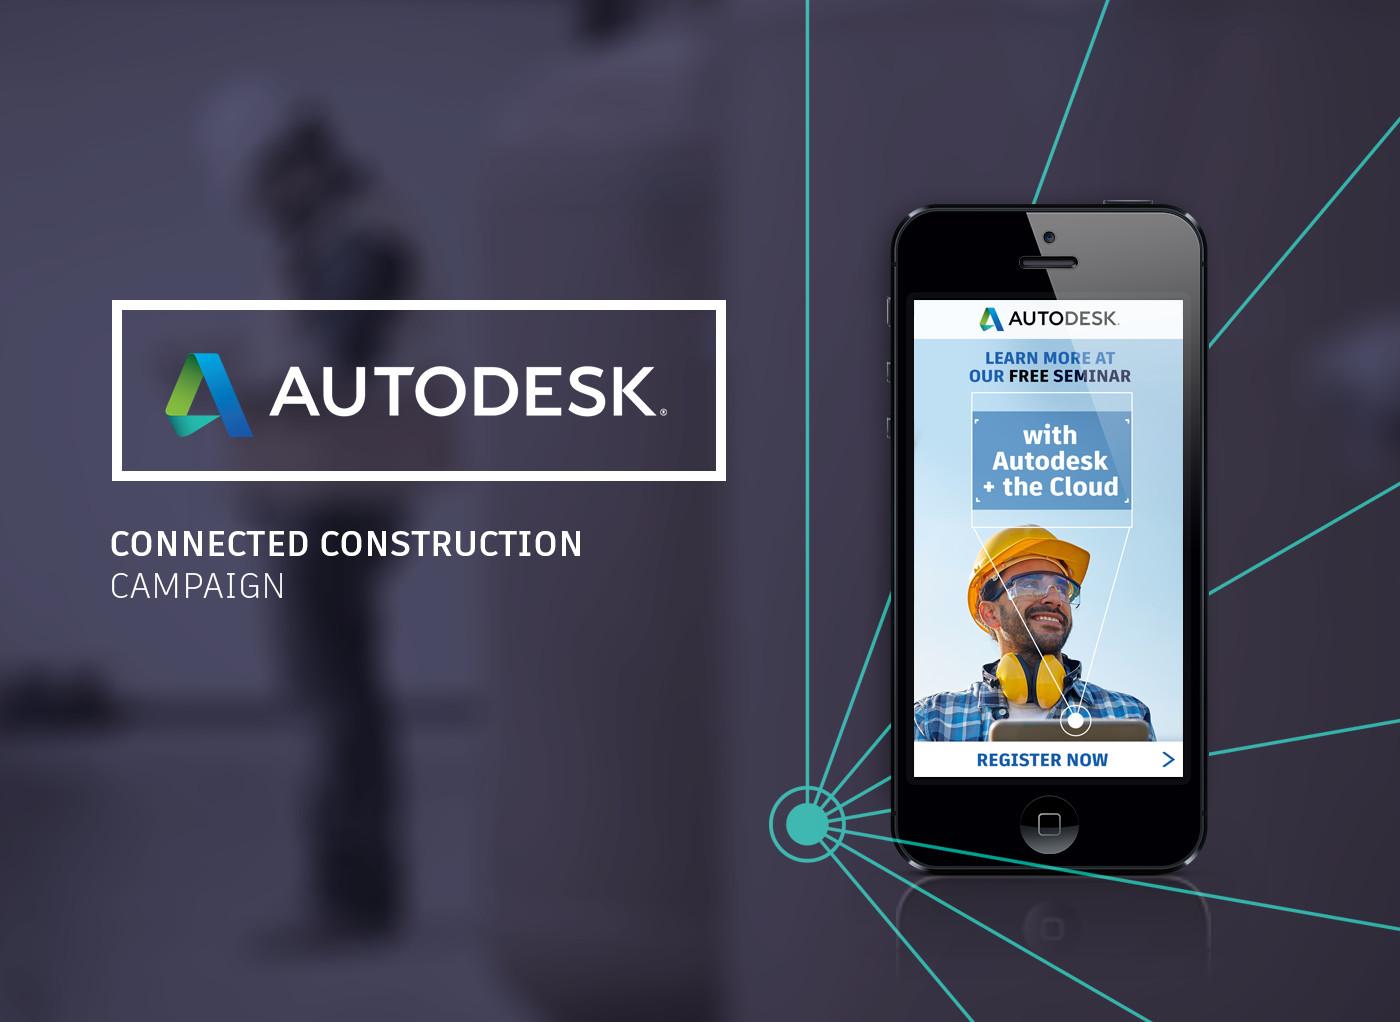 HTML5 banner for AutoDesk